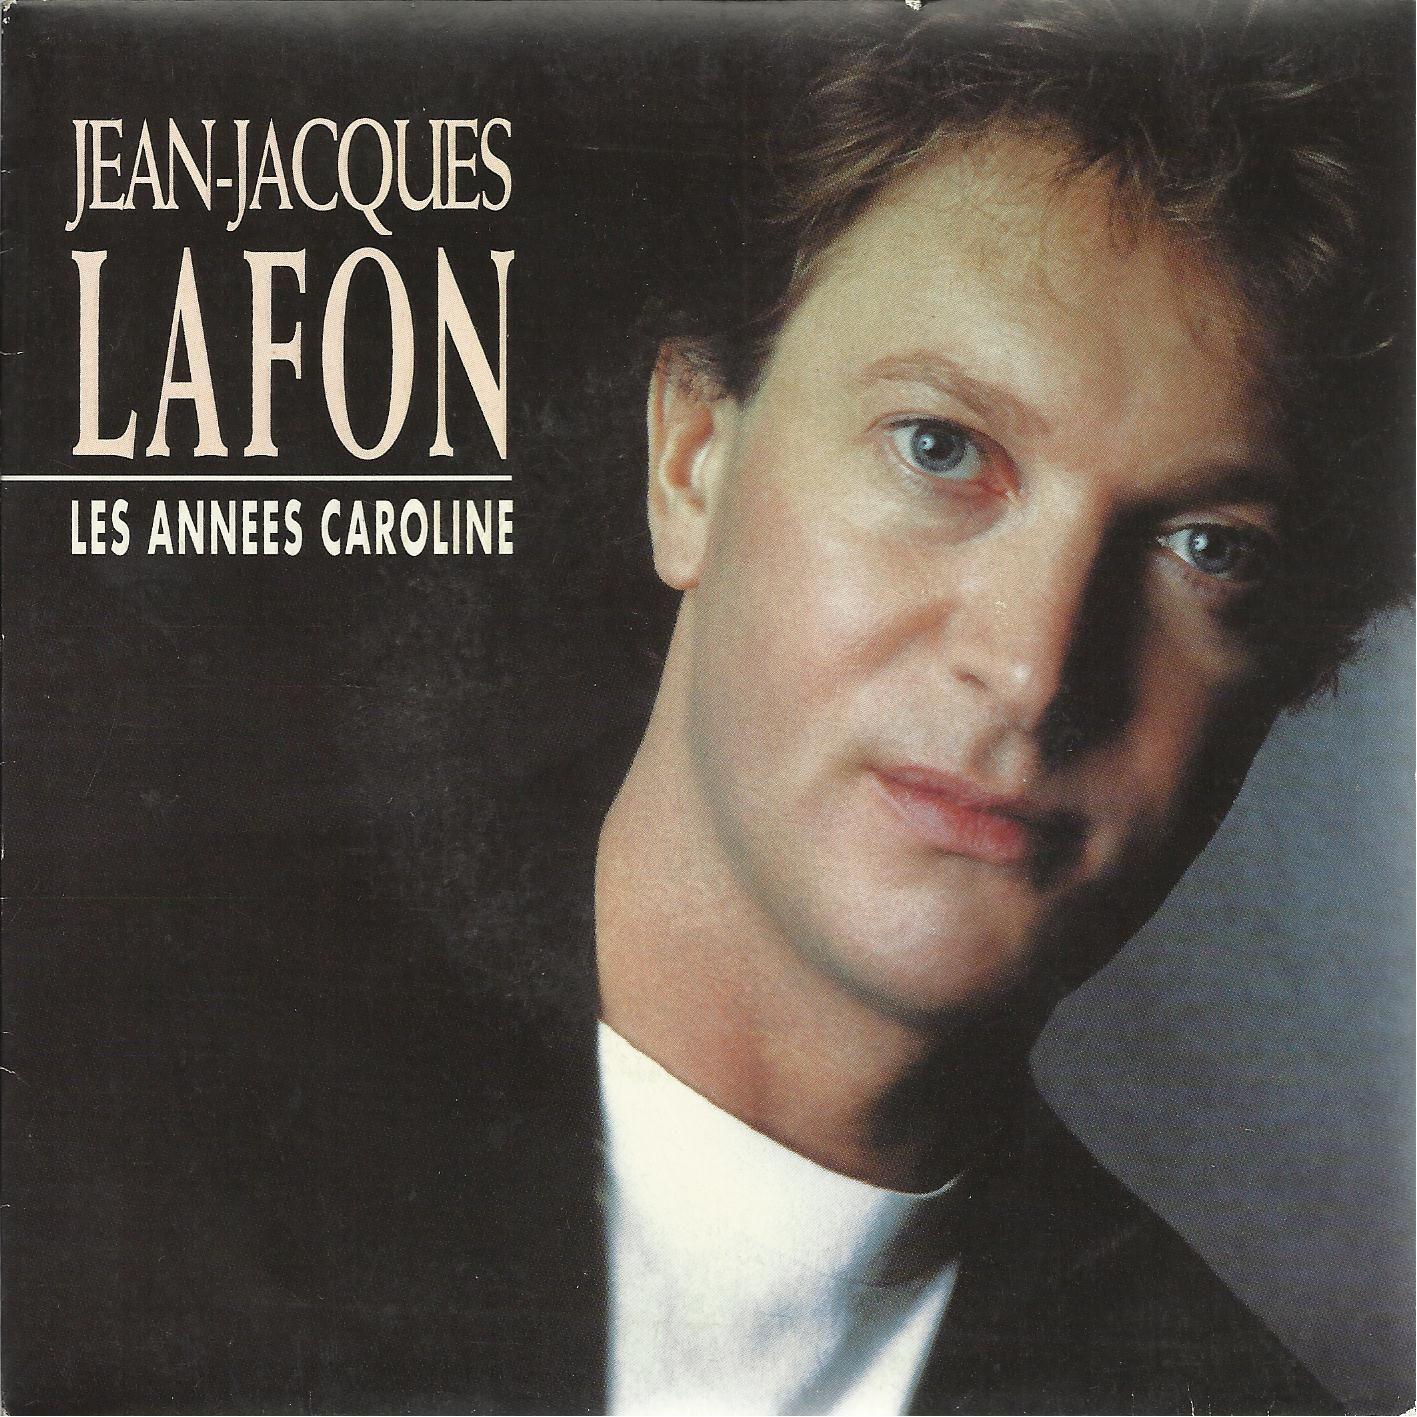 Jean-Jacques Lafon - Les années Caroline